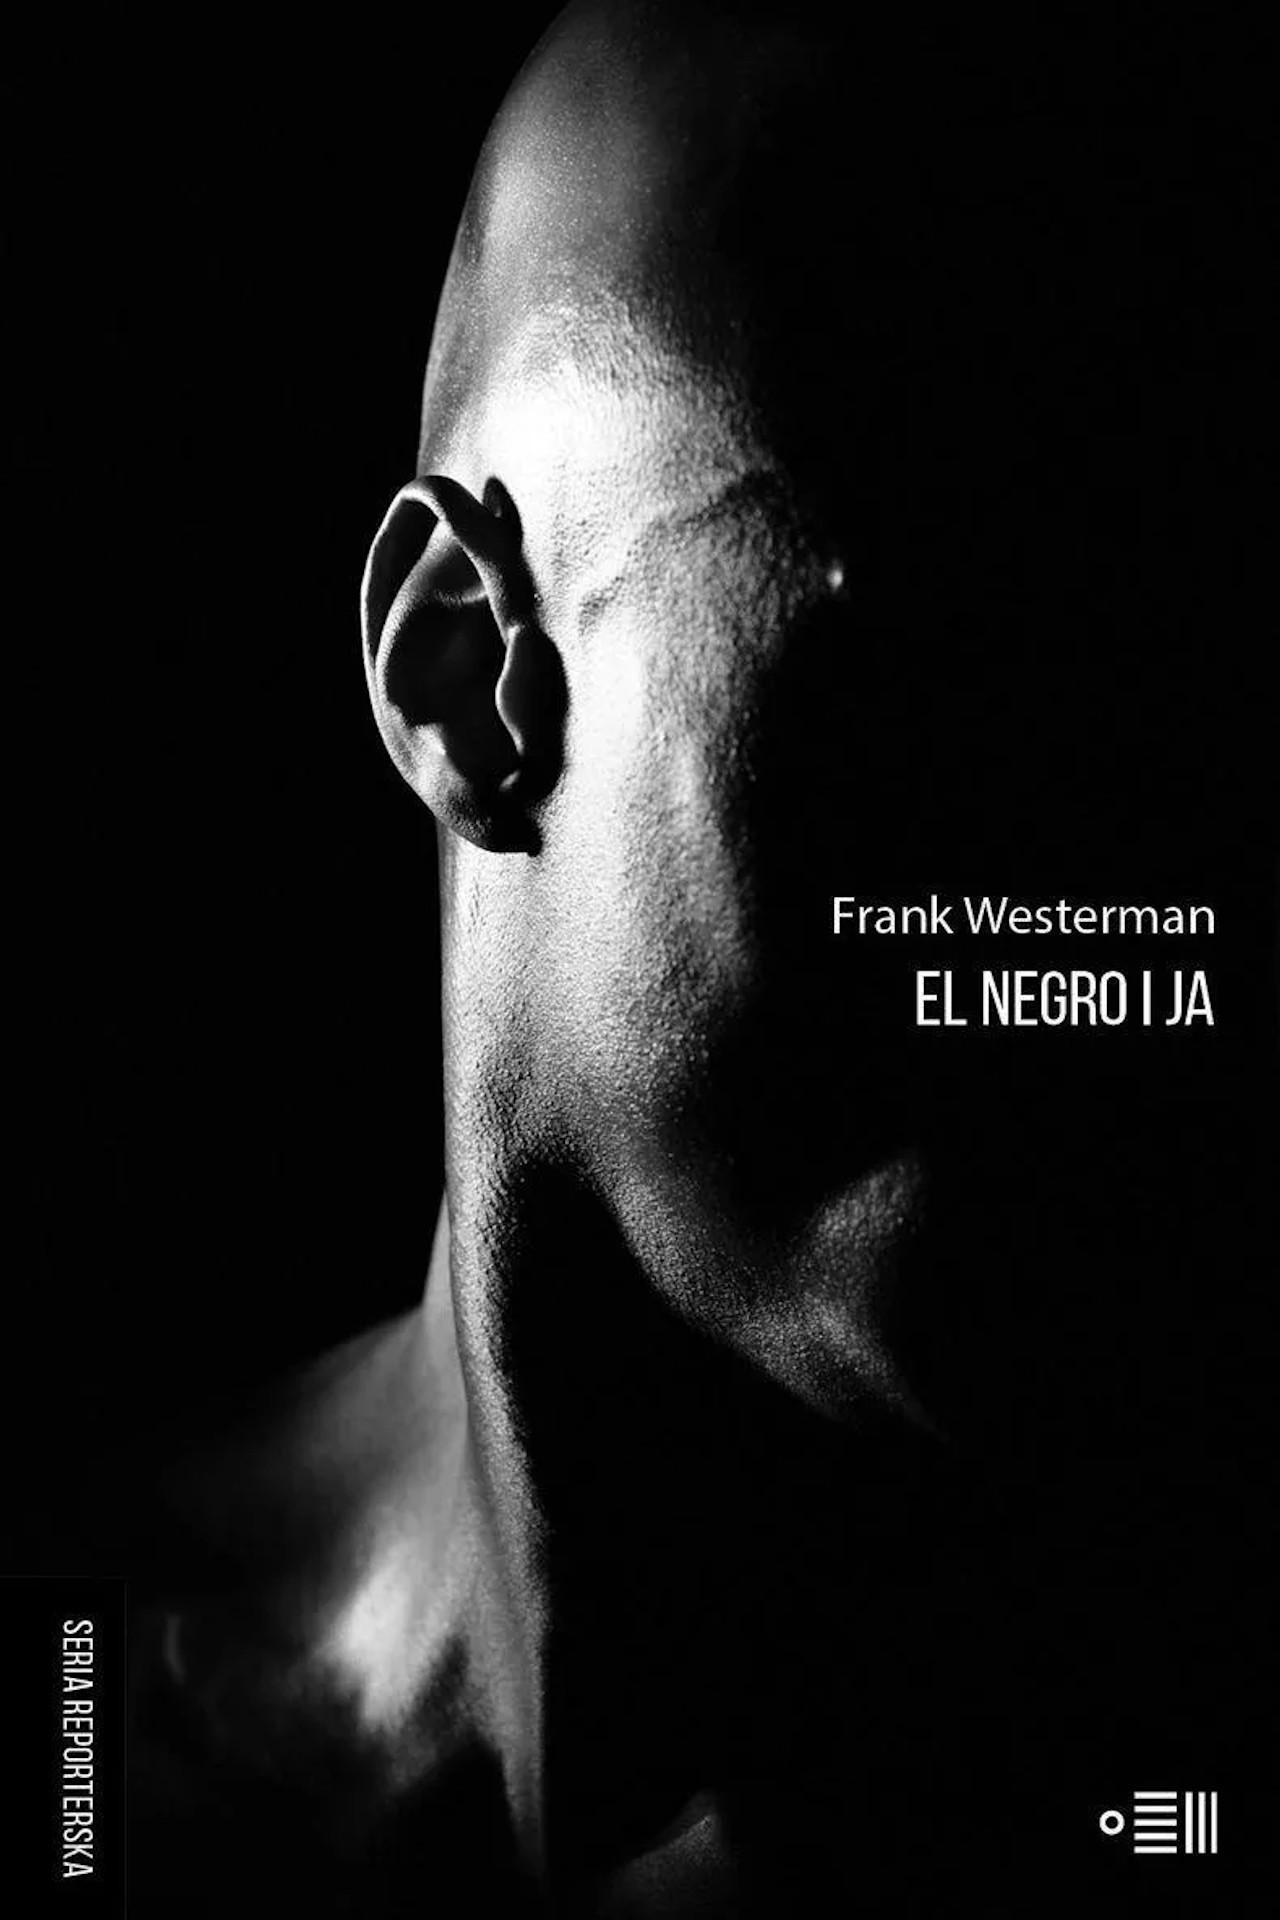 Frank Westerman, El Negro i ja